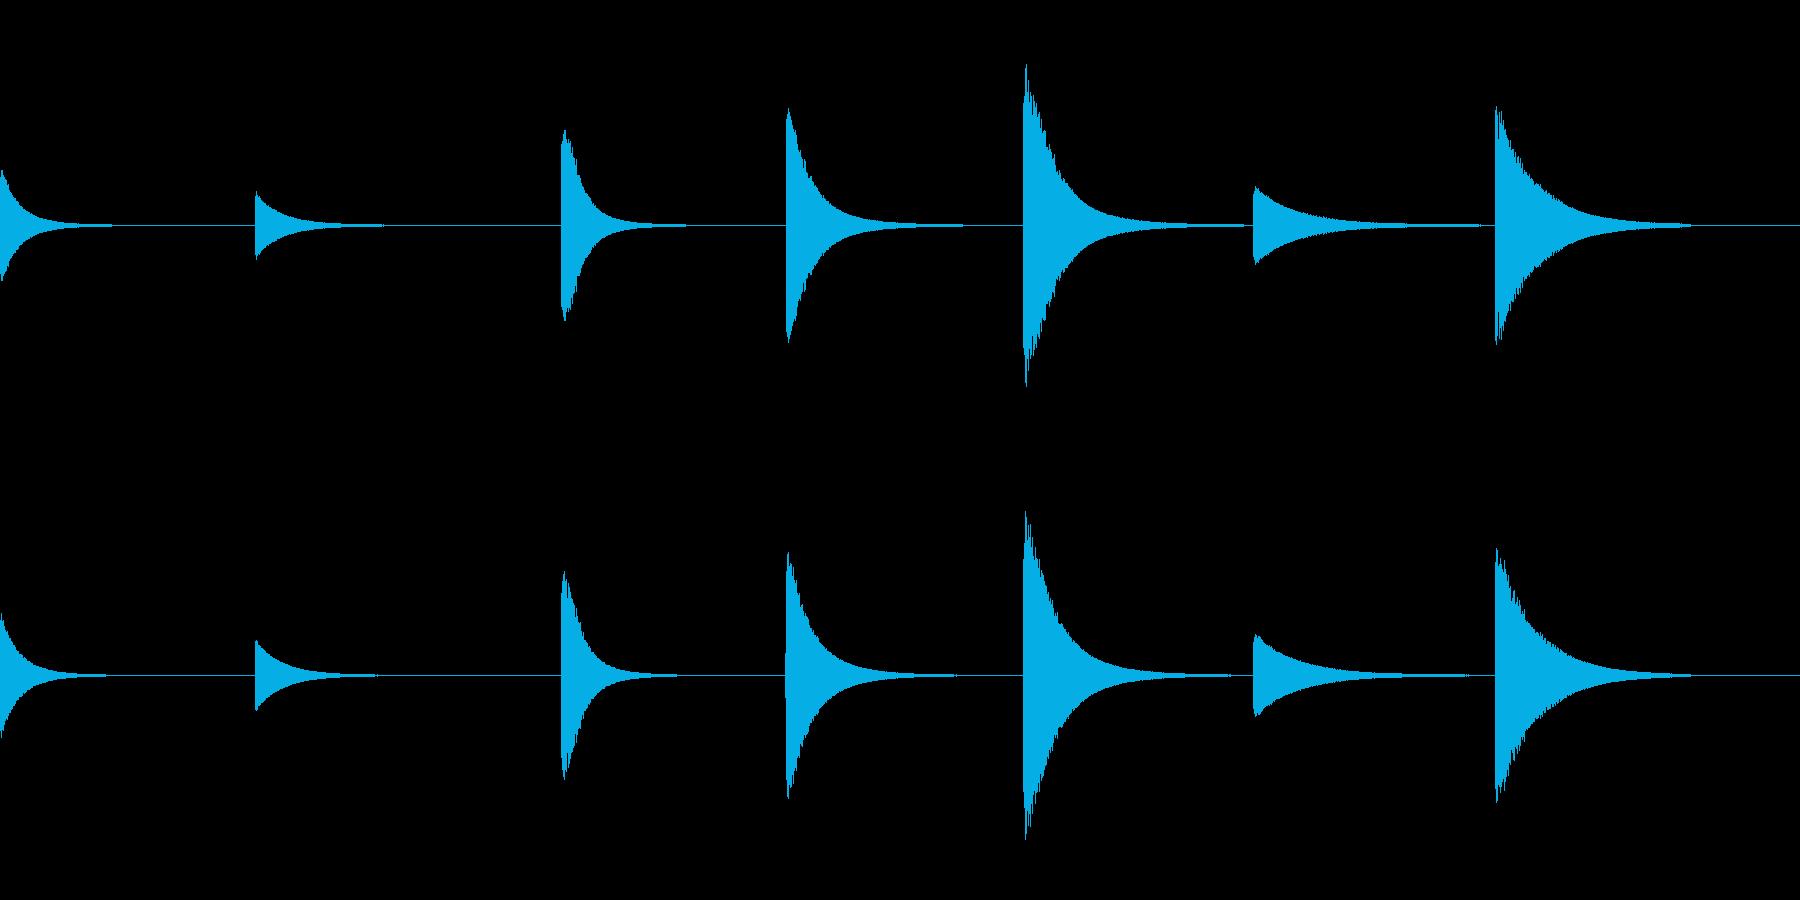 スペースチャイム、いくつかのヒット...の再生済みの波形